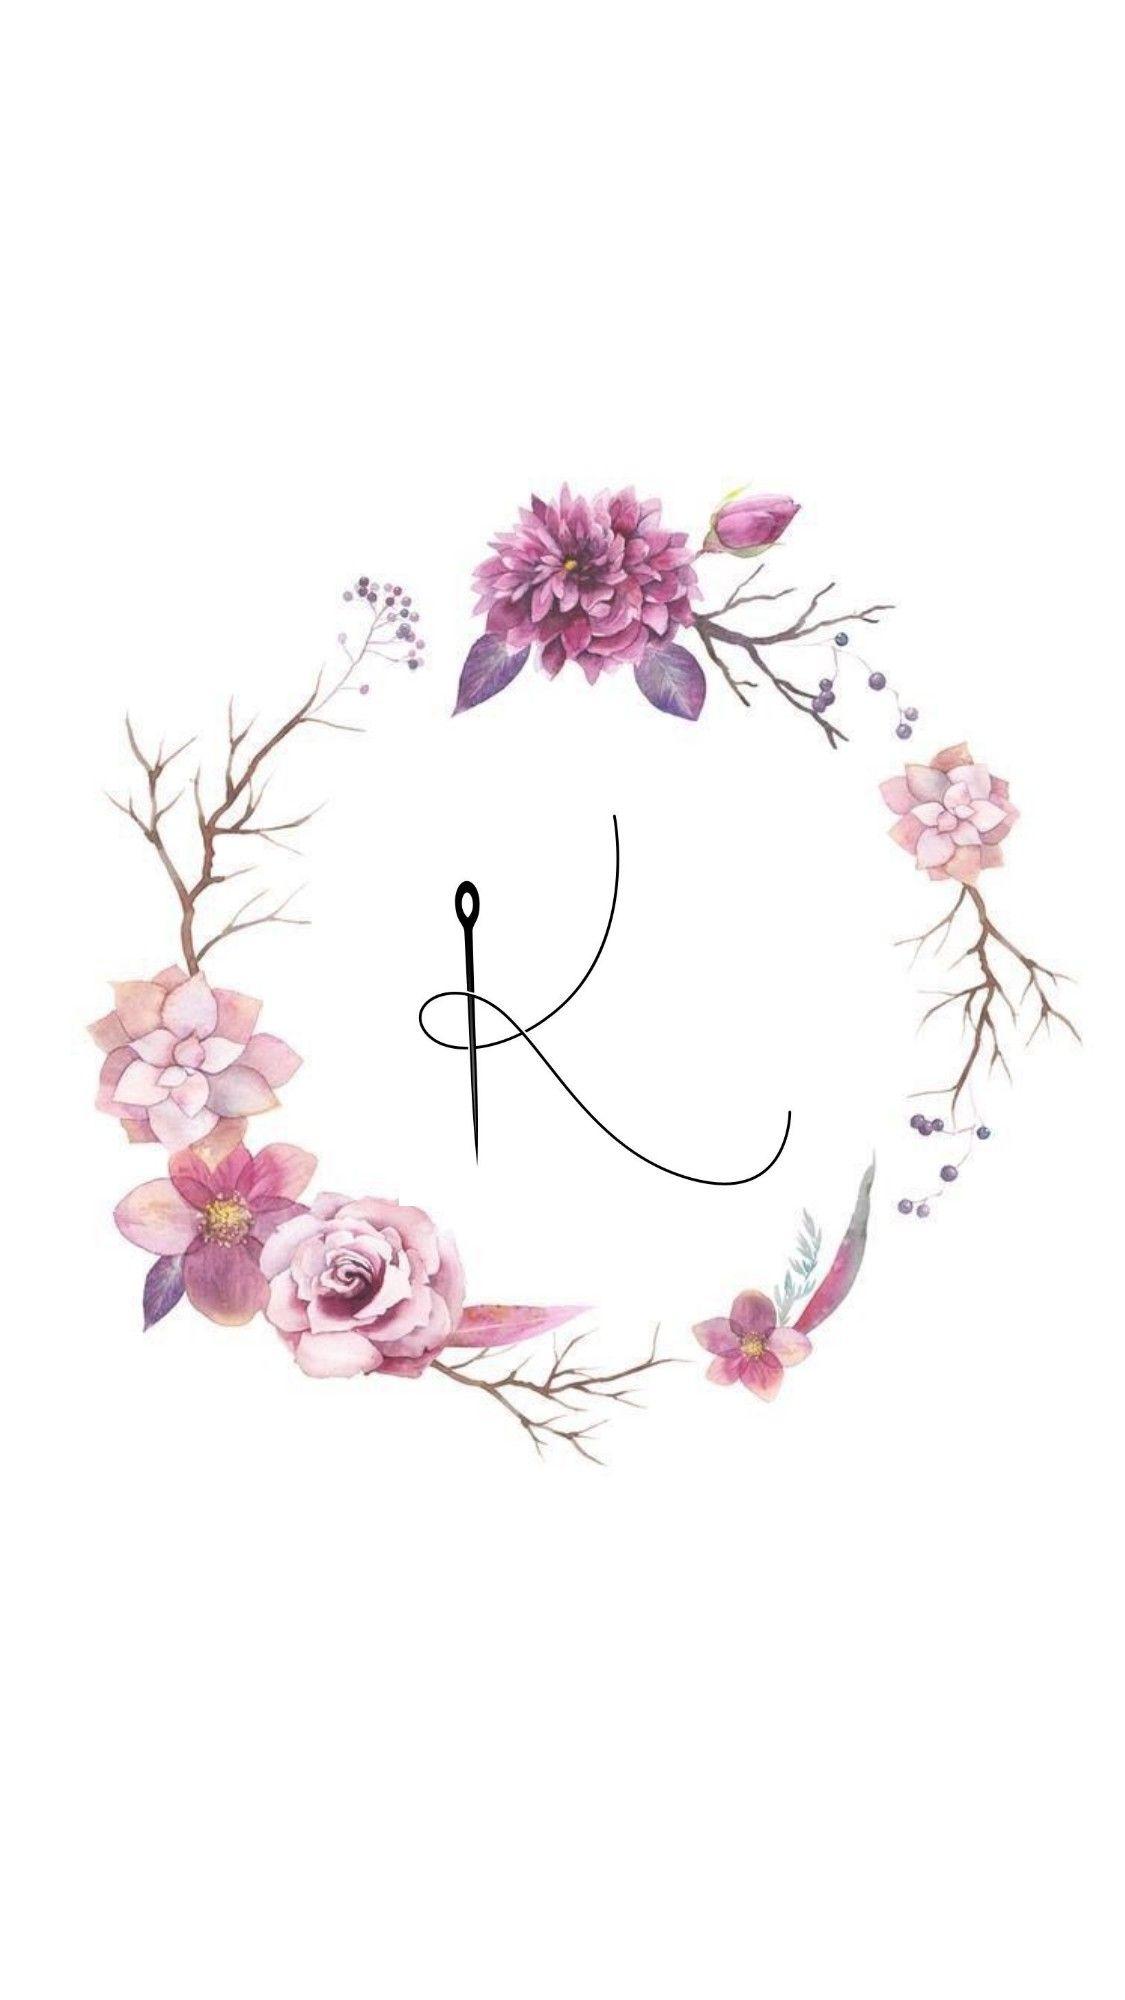 دفتر متابعة حفظ القرآن الكريم Papel De Parede Para Iphone Moldura Floral Aquarela Floral